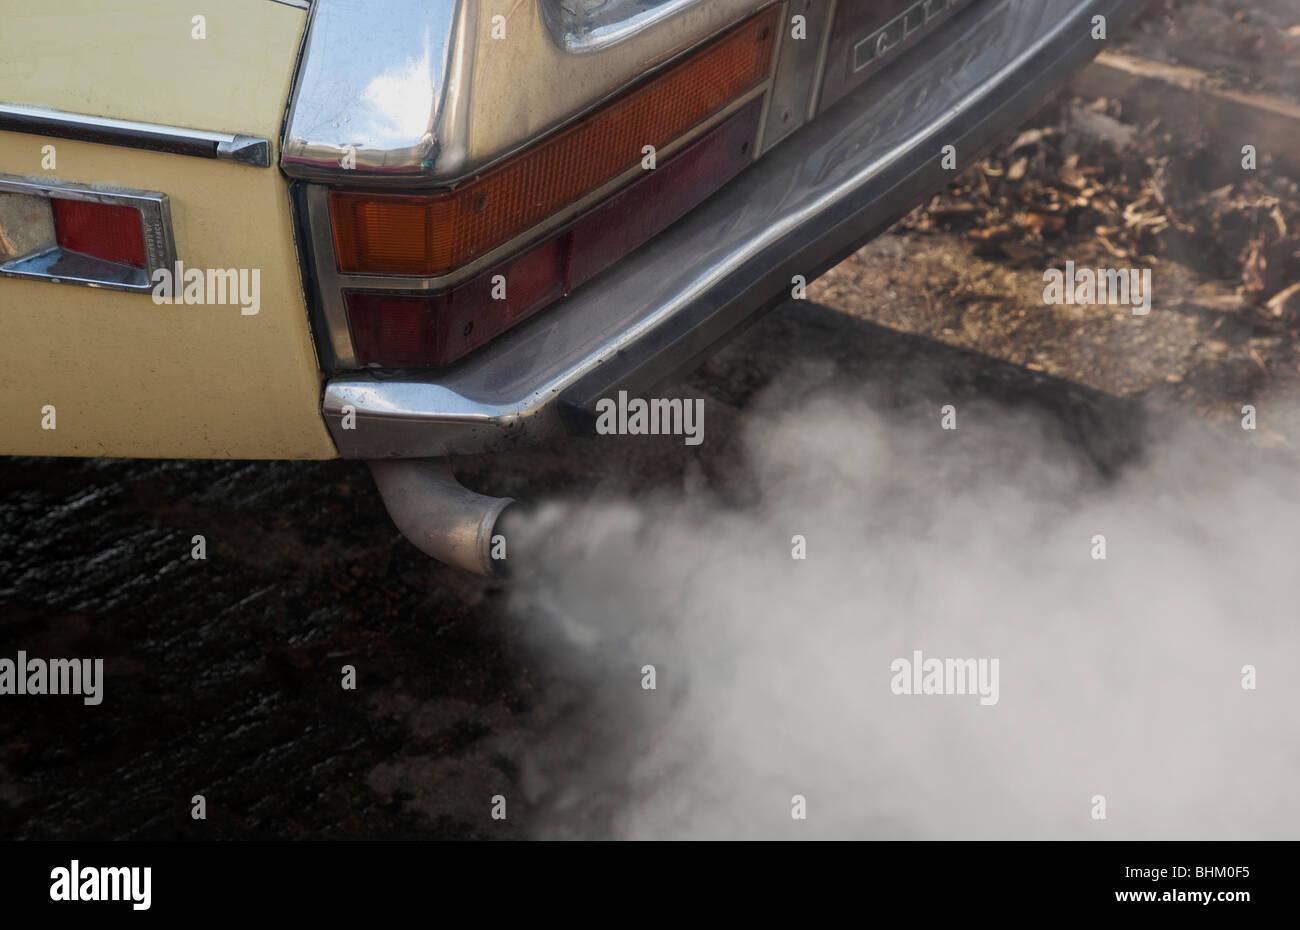 La contaminación de los tubos de escape de los automóviles Imagen De Stock